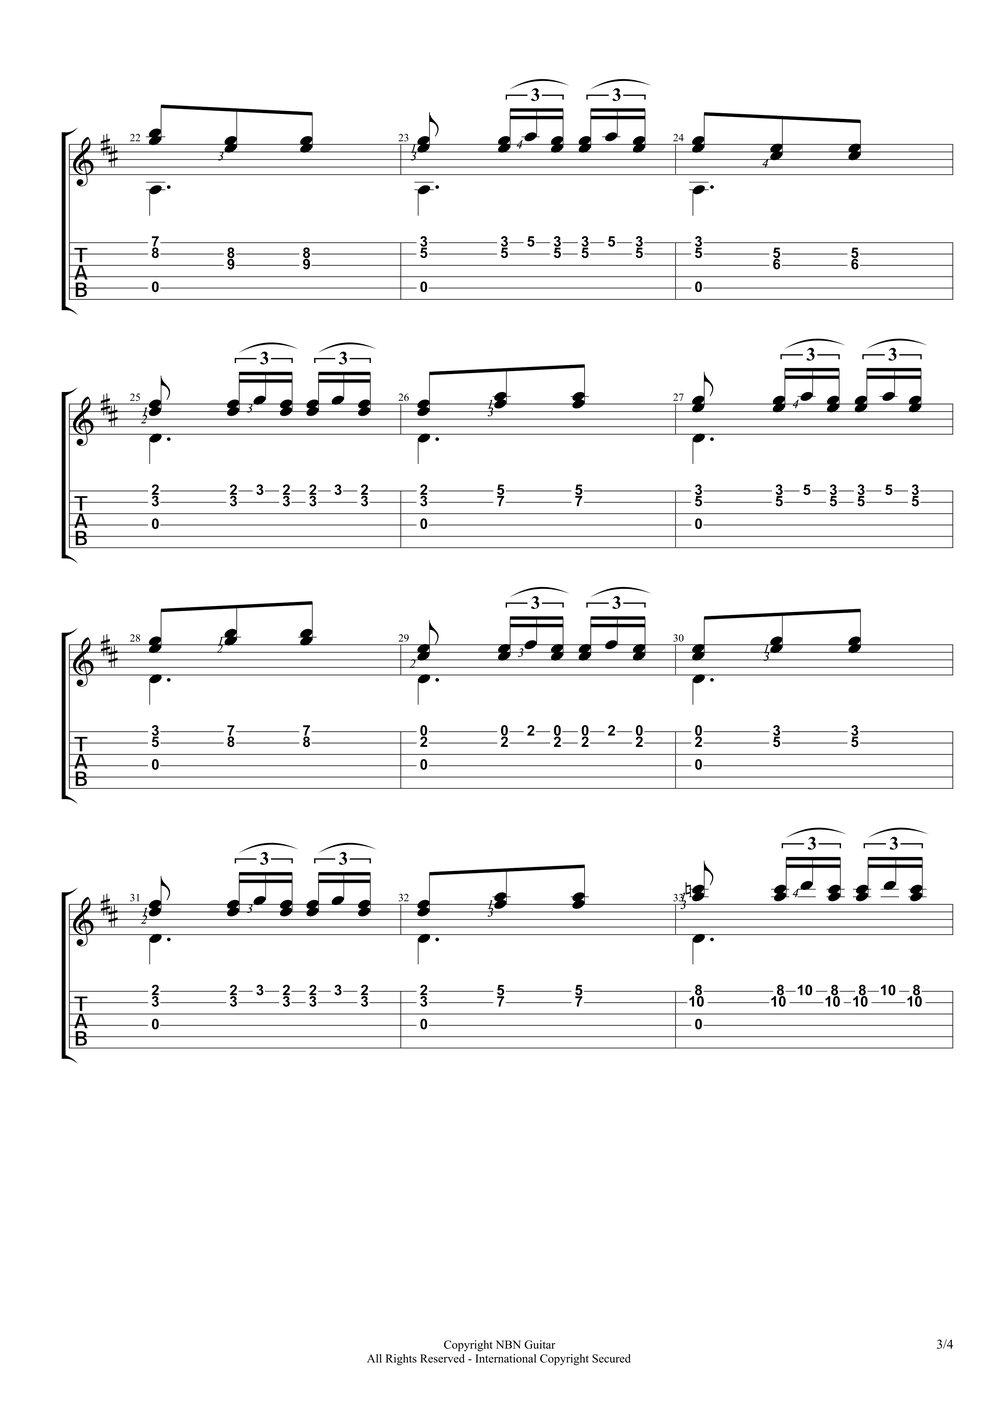 Etude No. 10, Op. 60 - Carcassi (Sheet Music & Tabs)-p5.jpg